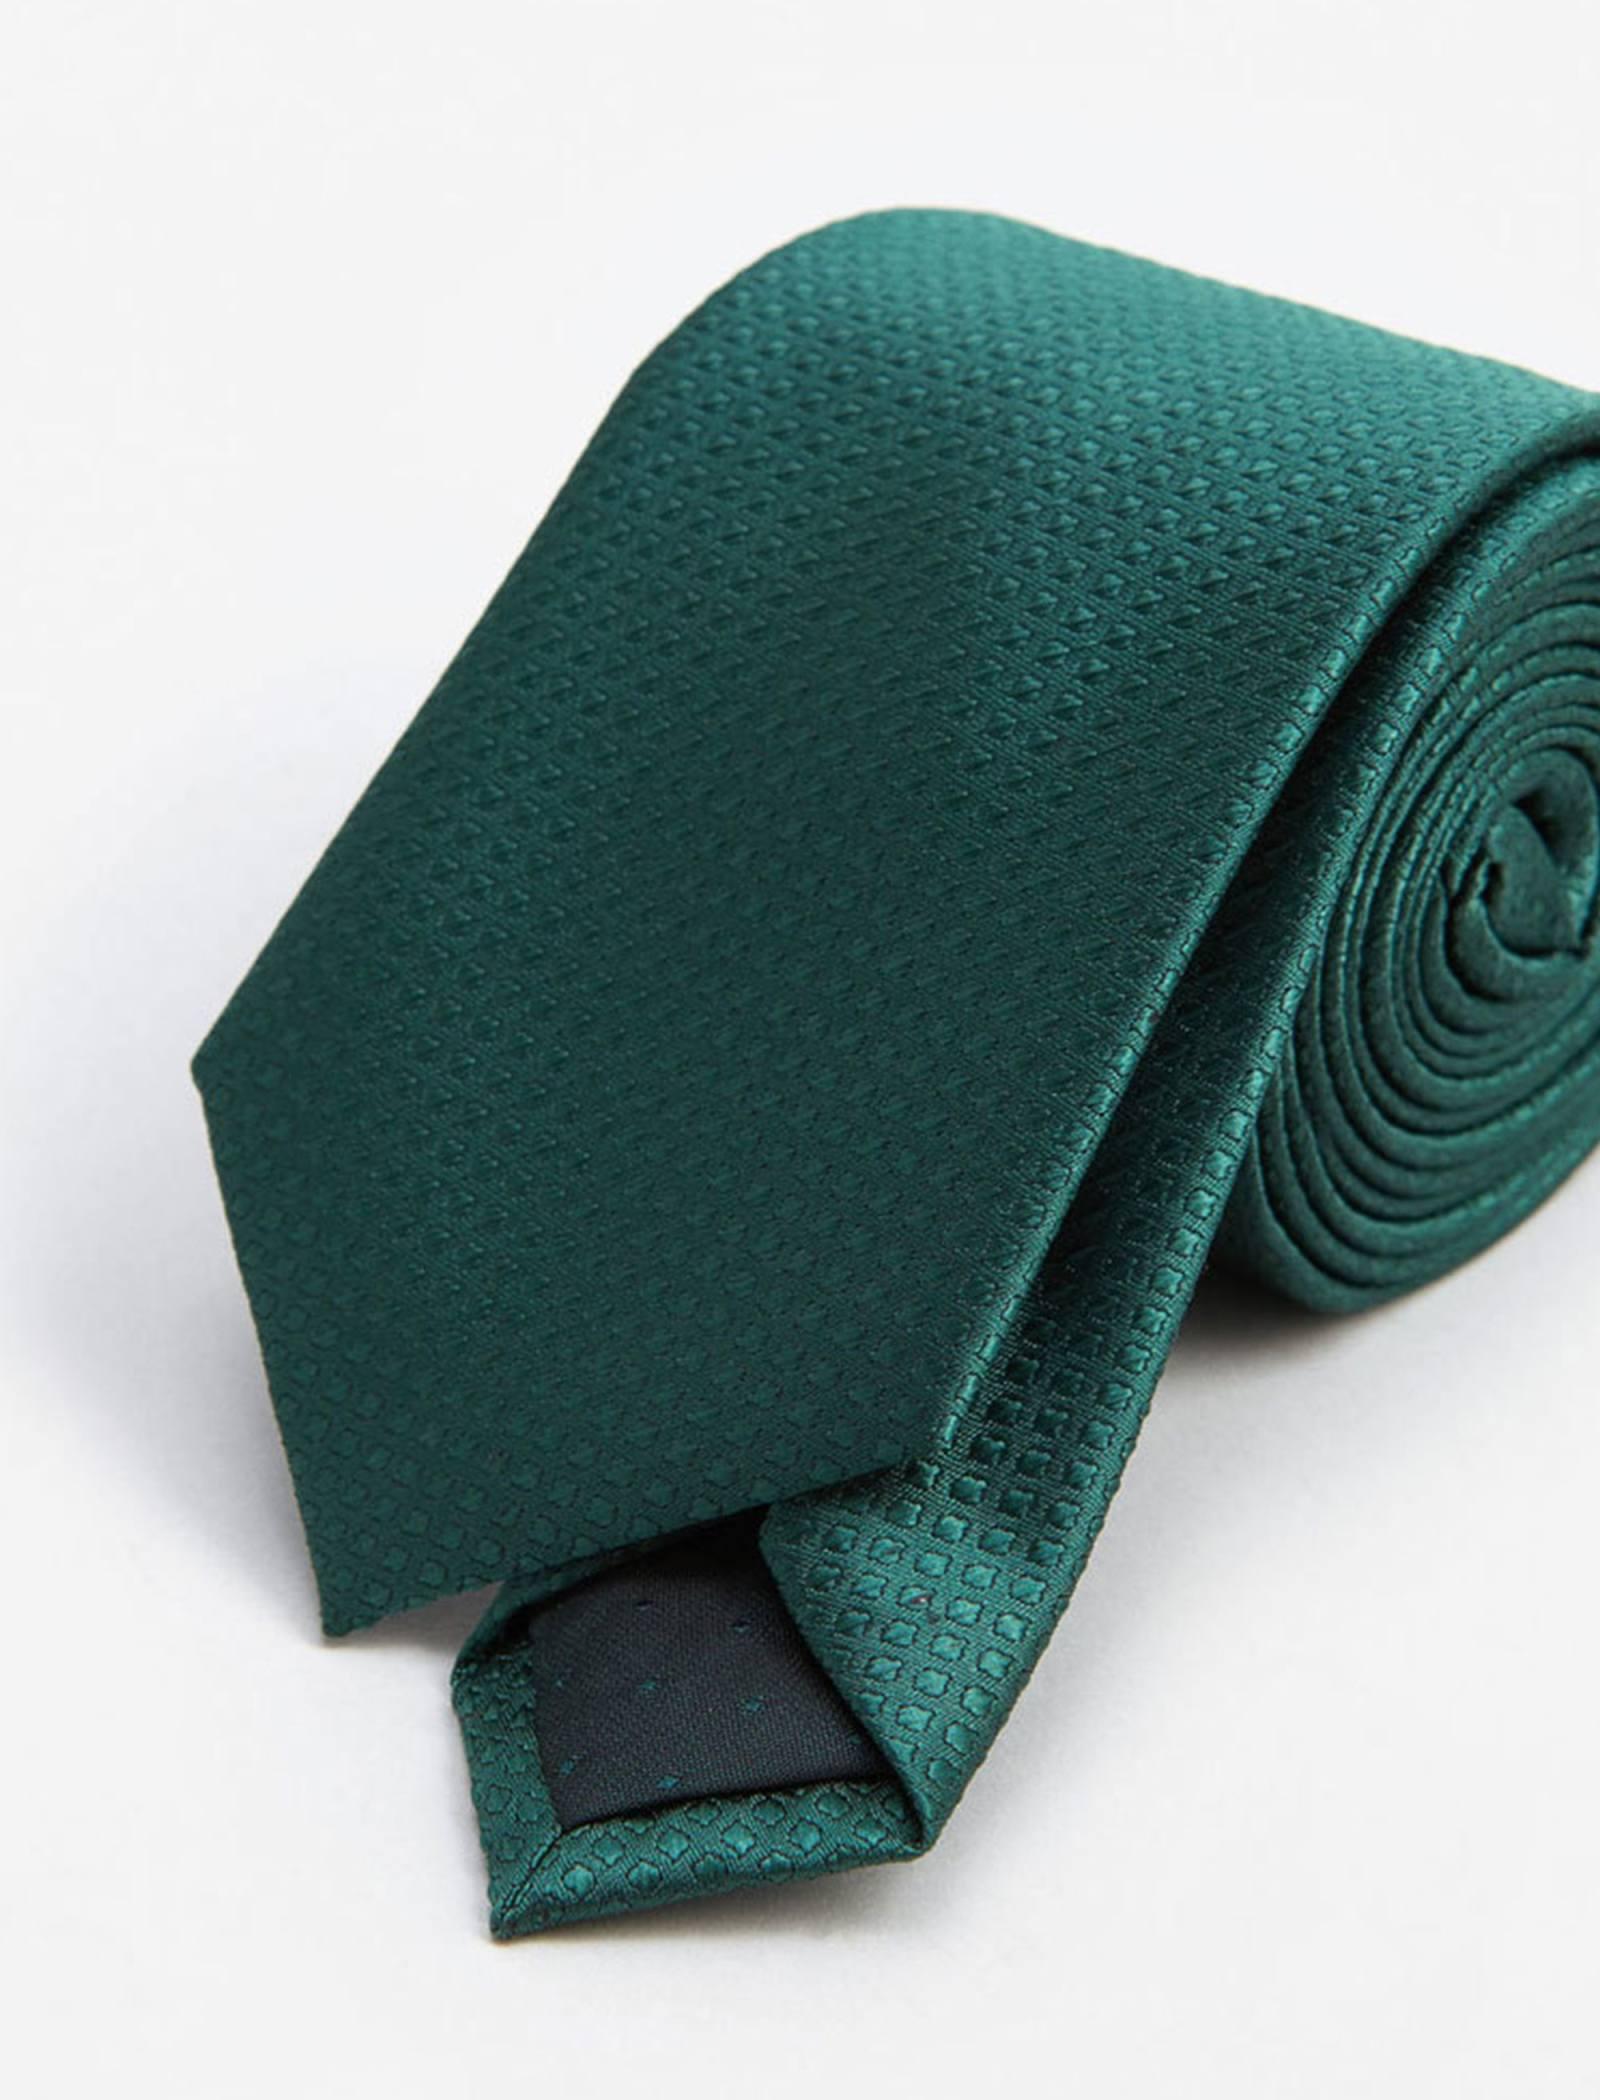 کراوات ساده  مردانه - مانگو - سبز - 3